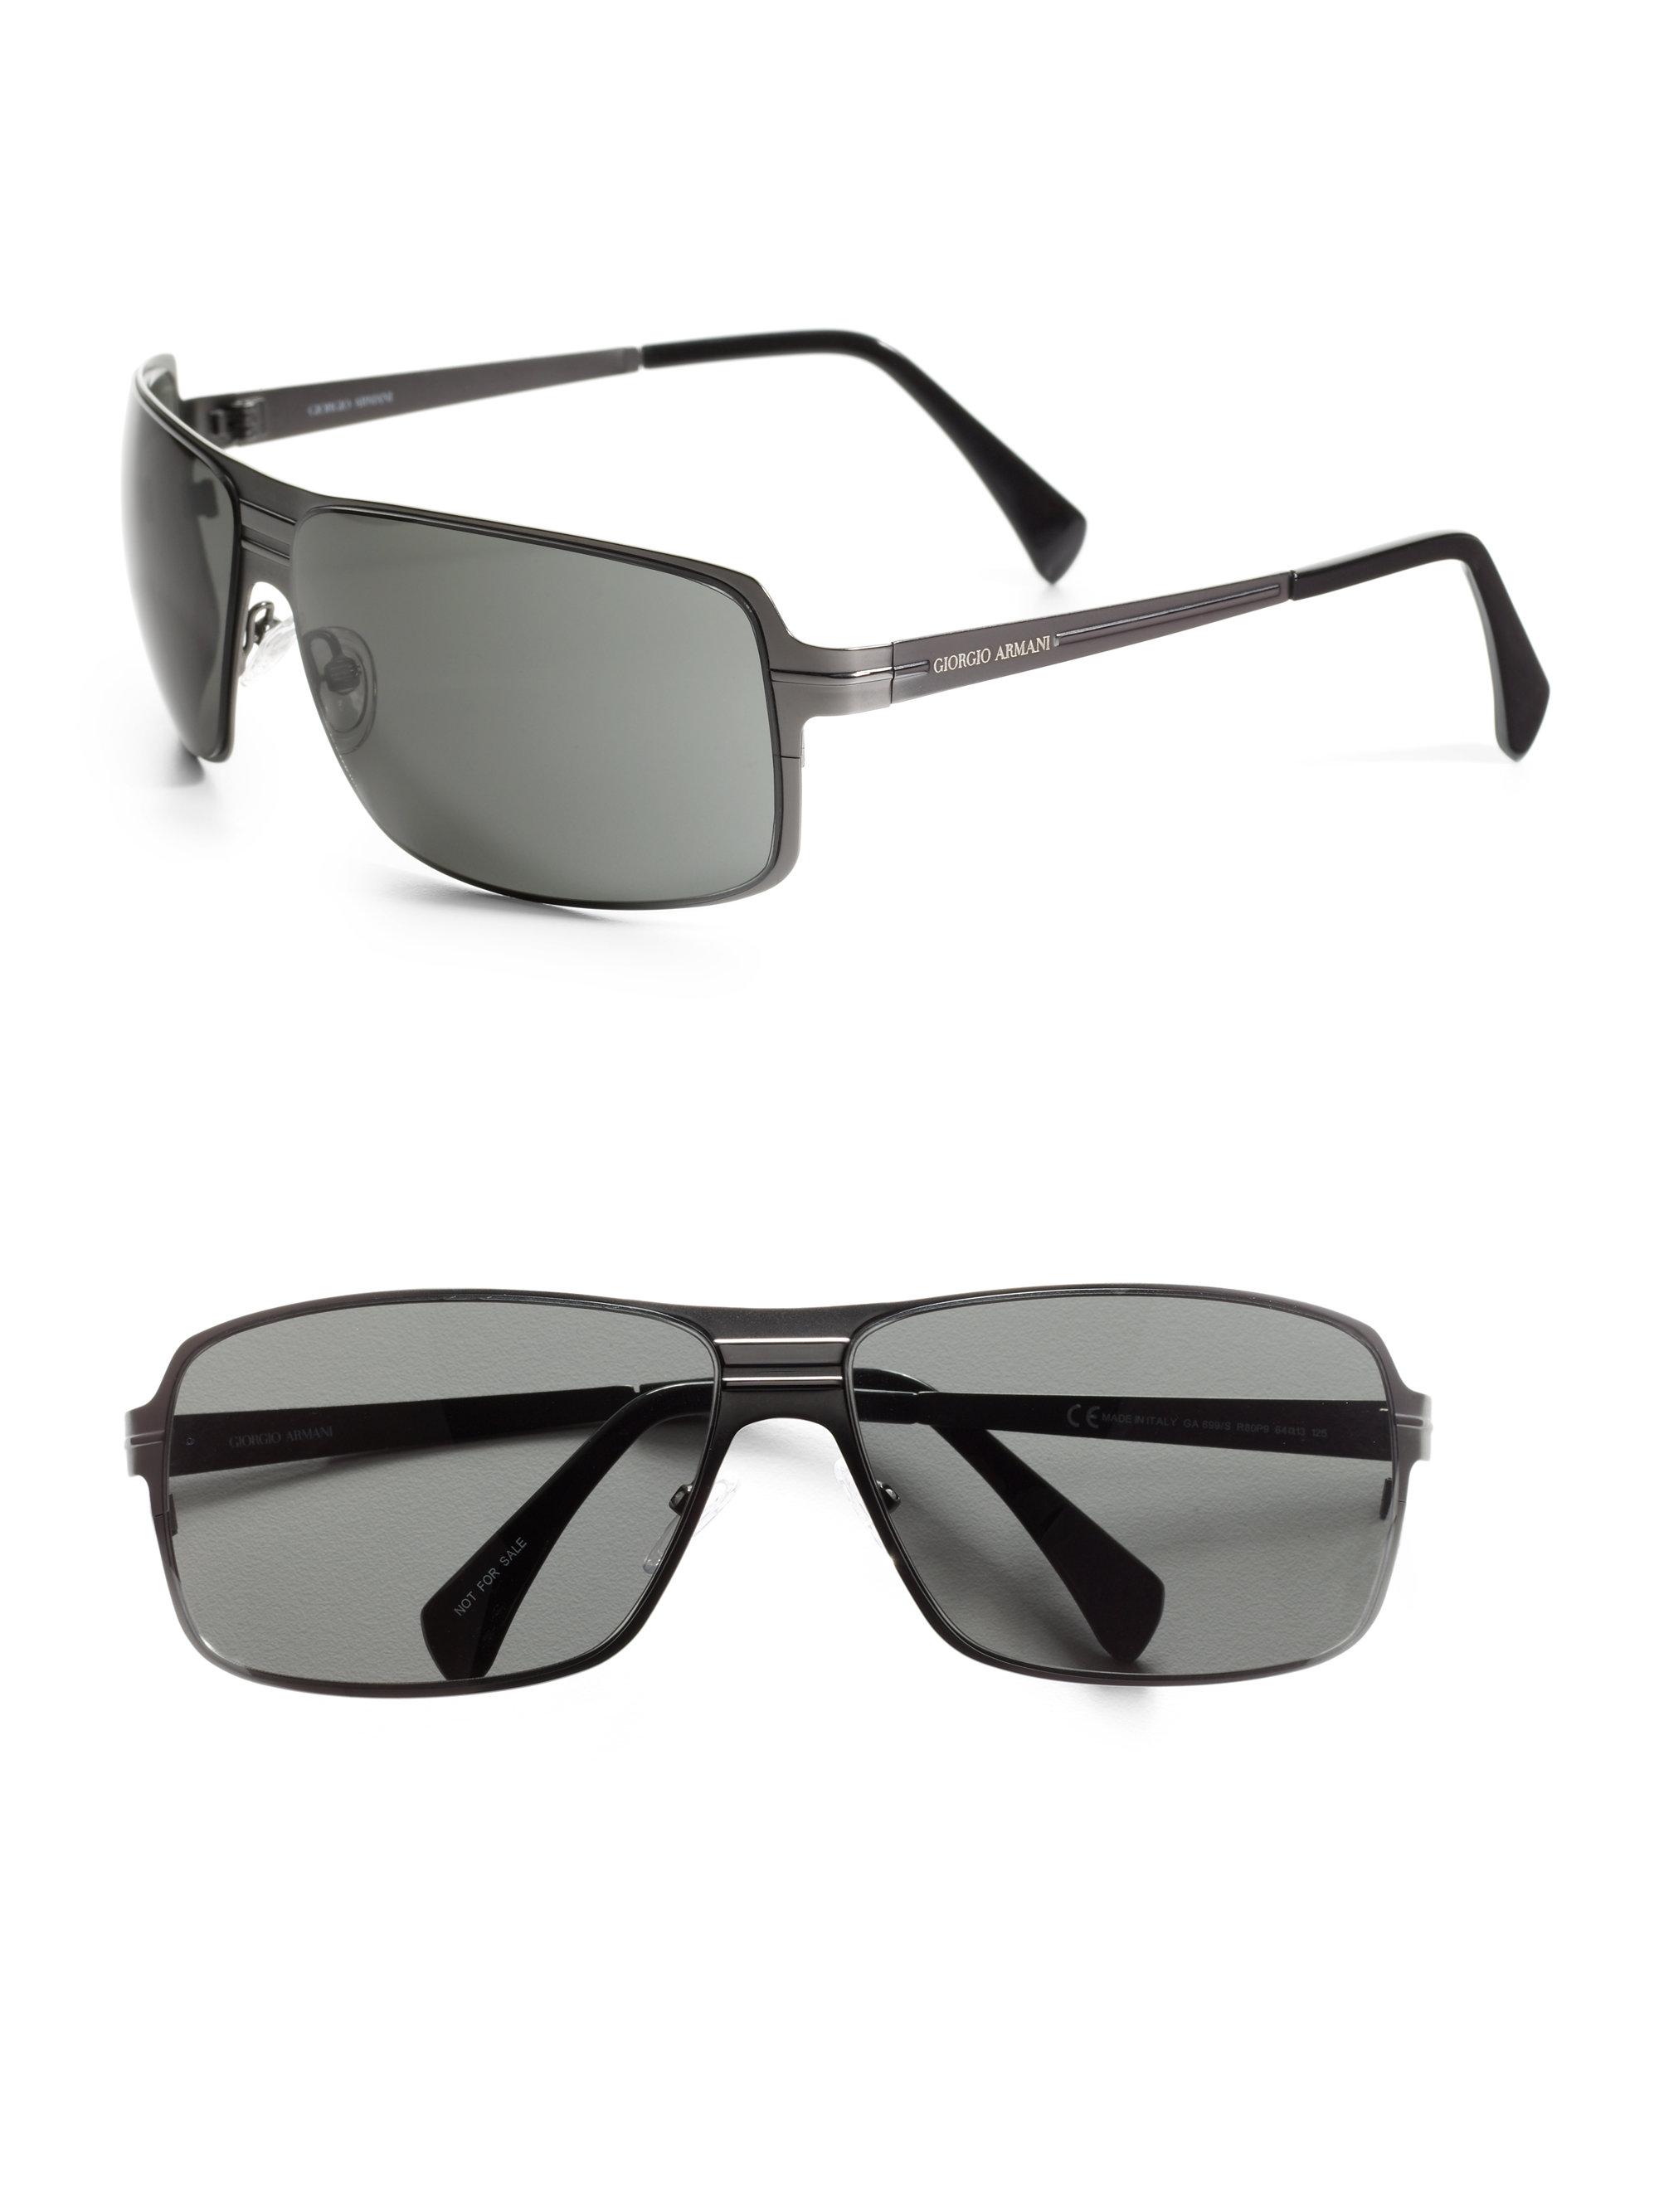 2b7b17e39fe7 Giorgio Armani Shield Sunglasses in Black for Men (dark ruthenium)